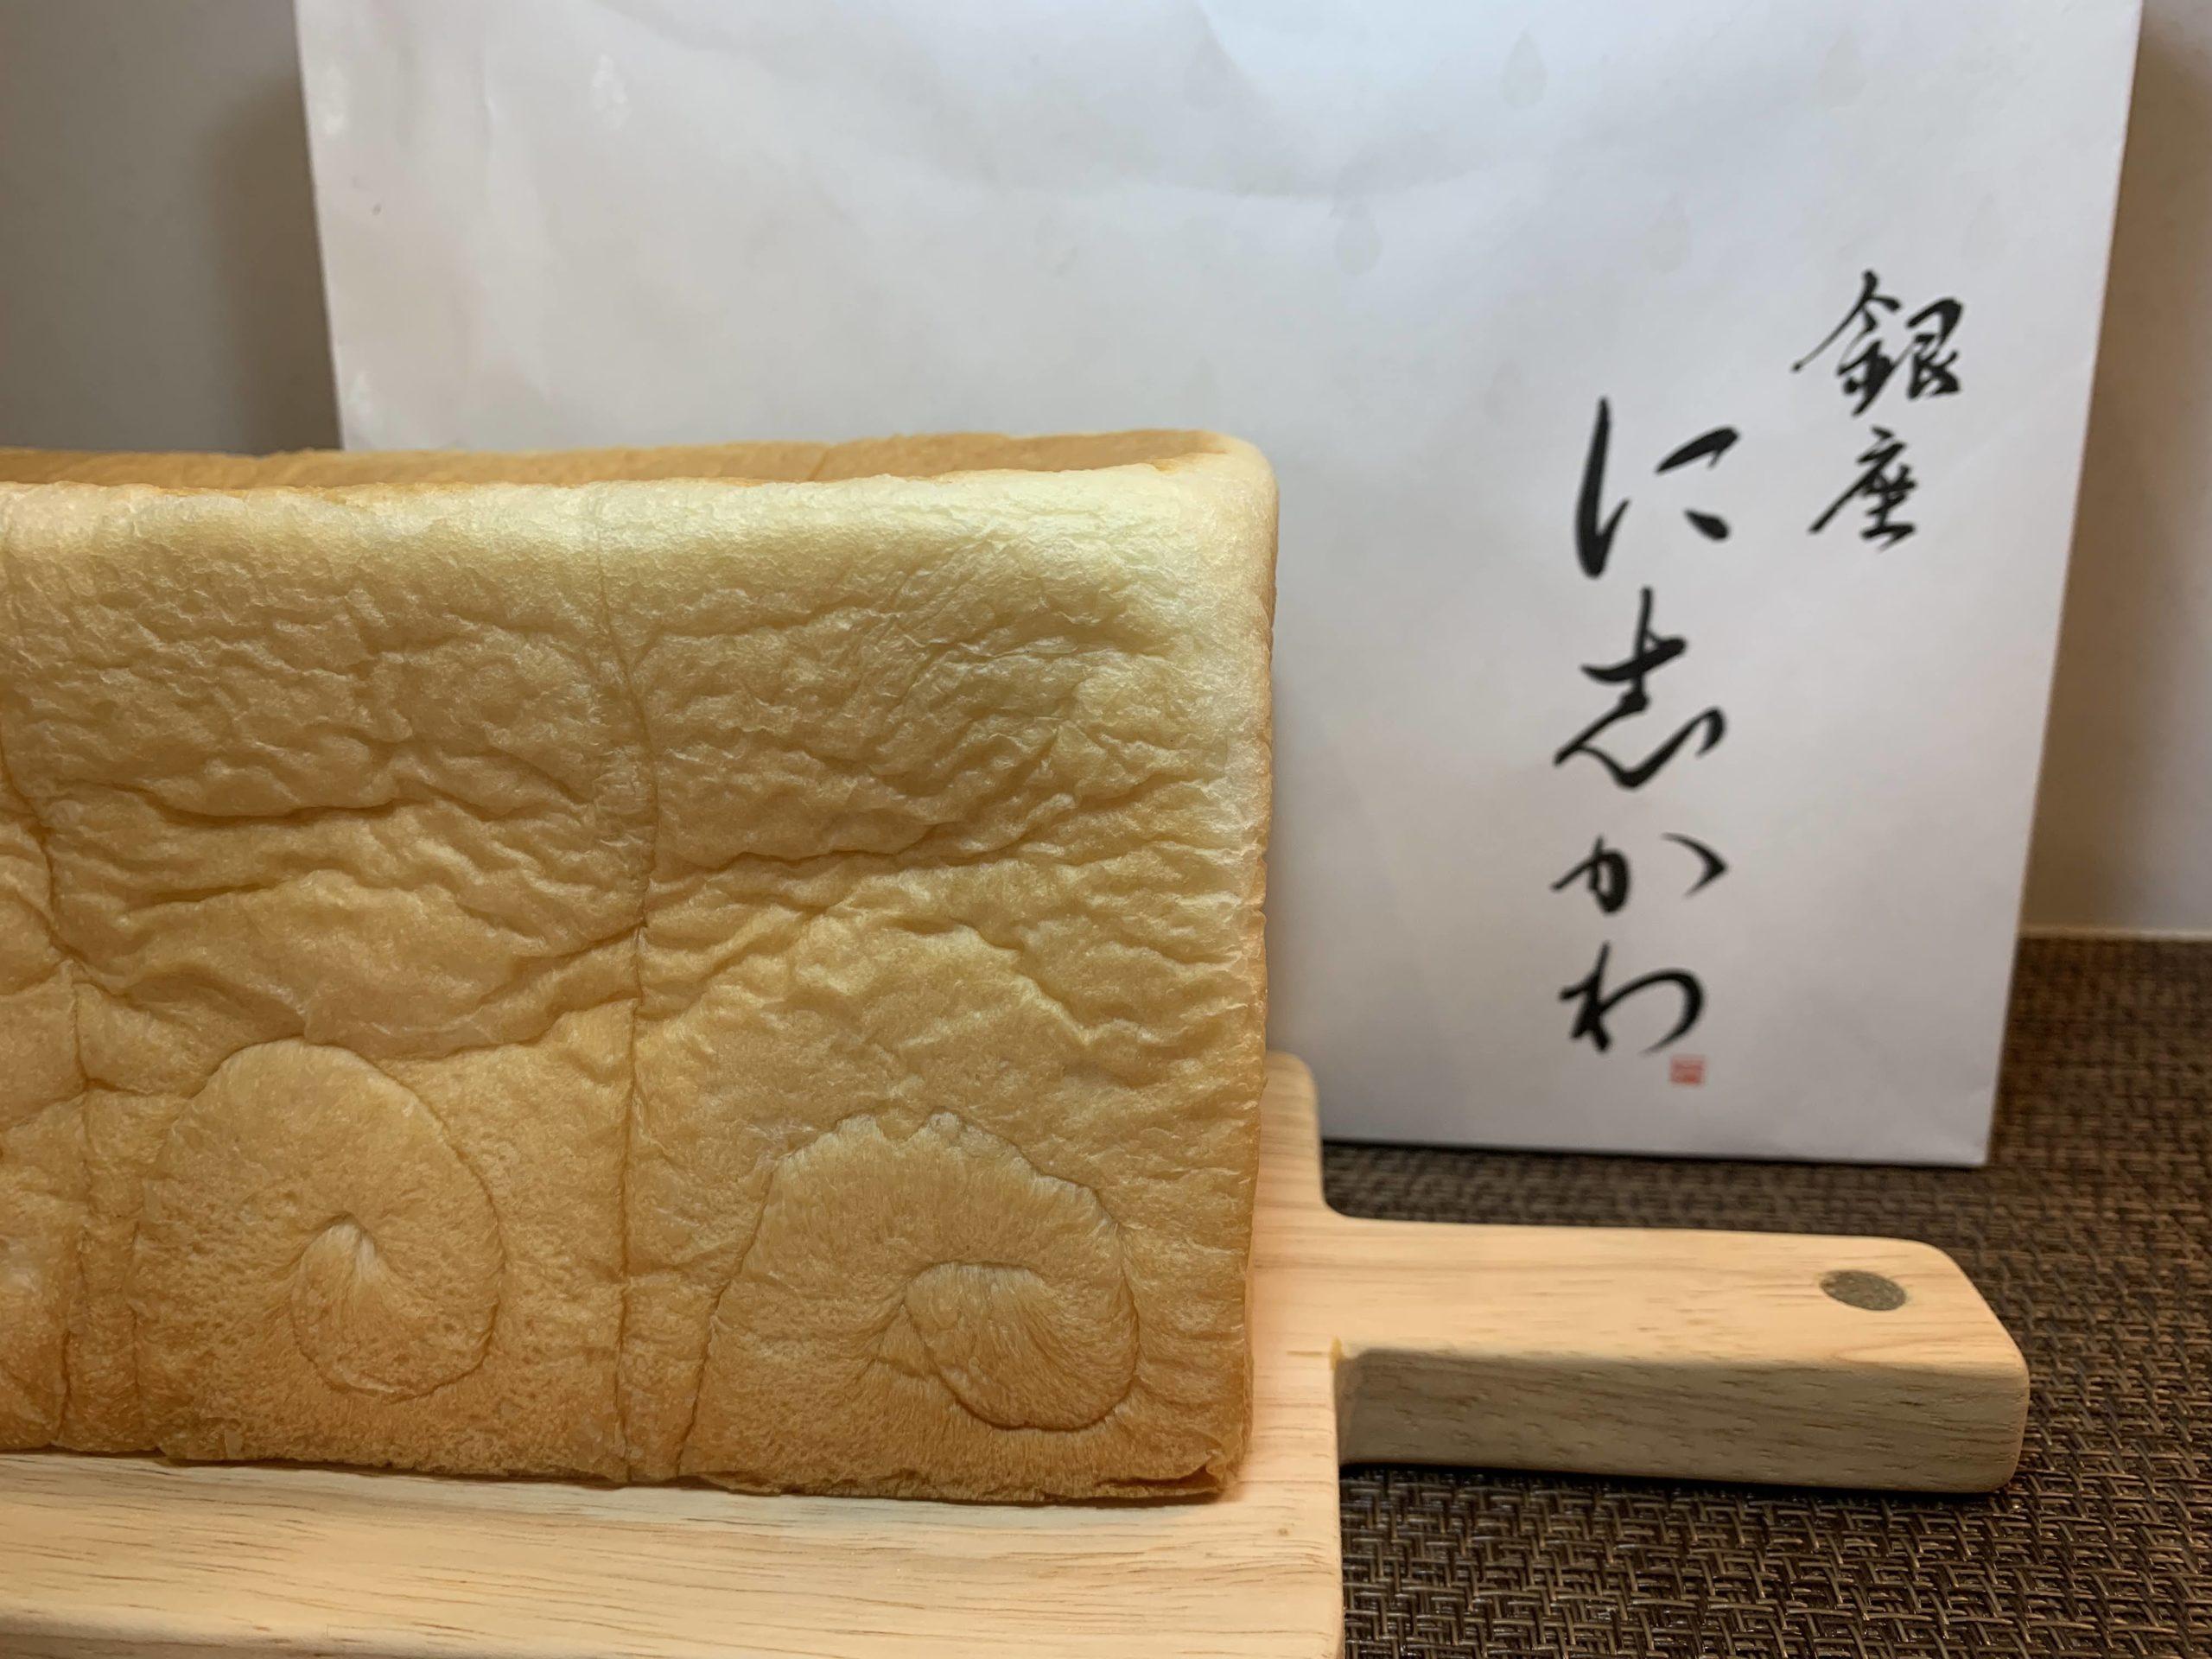 銀座に志かわ金沢店の高級食パンは美味しい?お店の混み具合や予約などは?